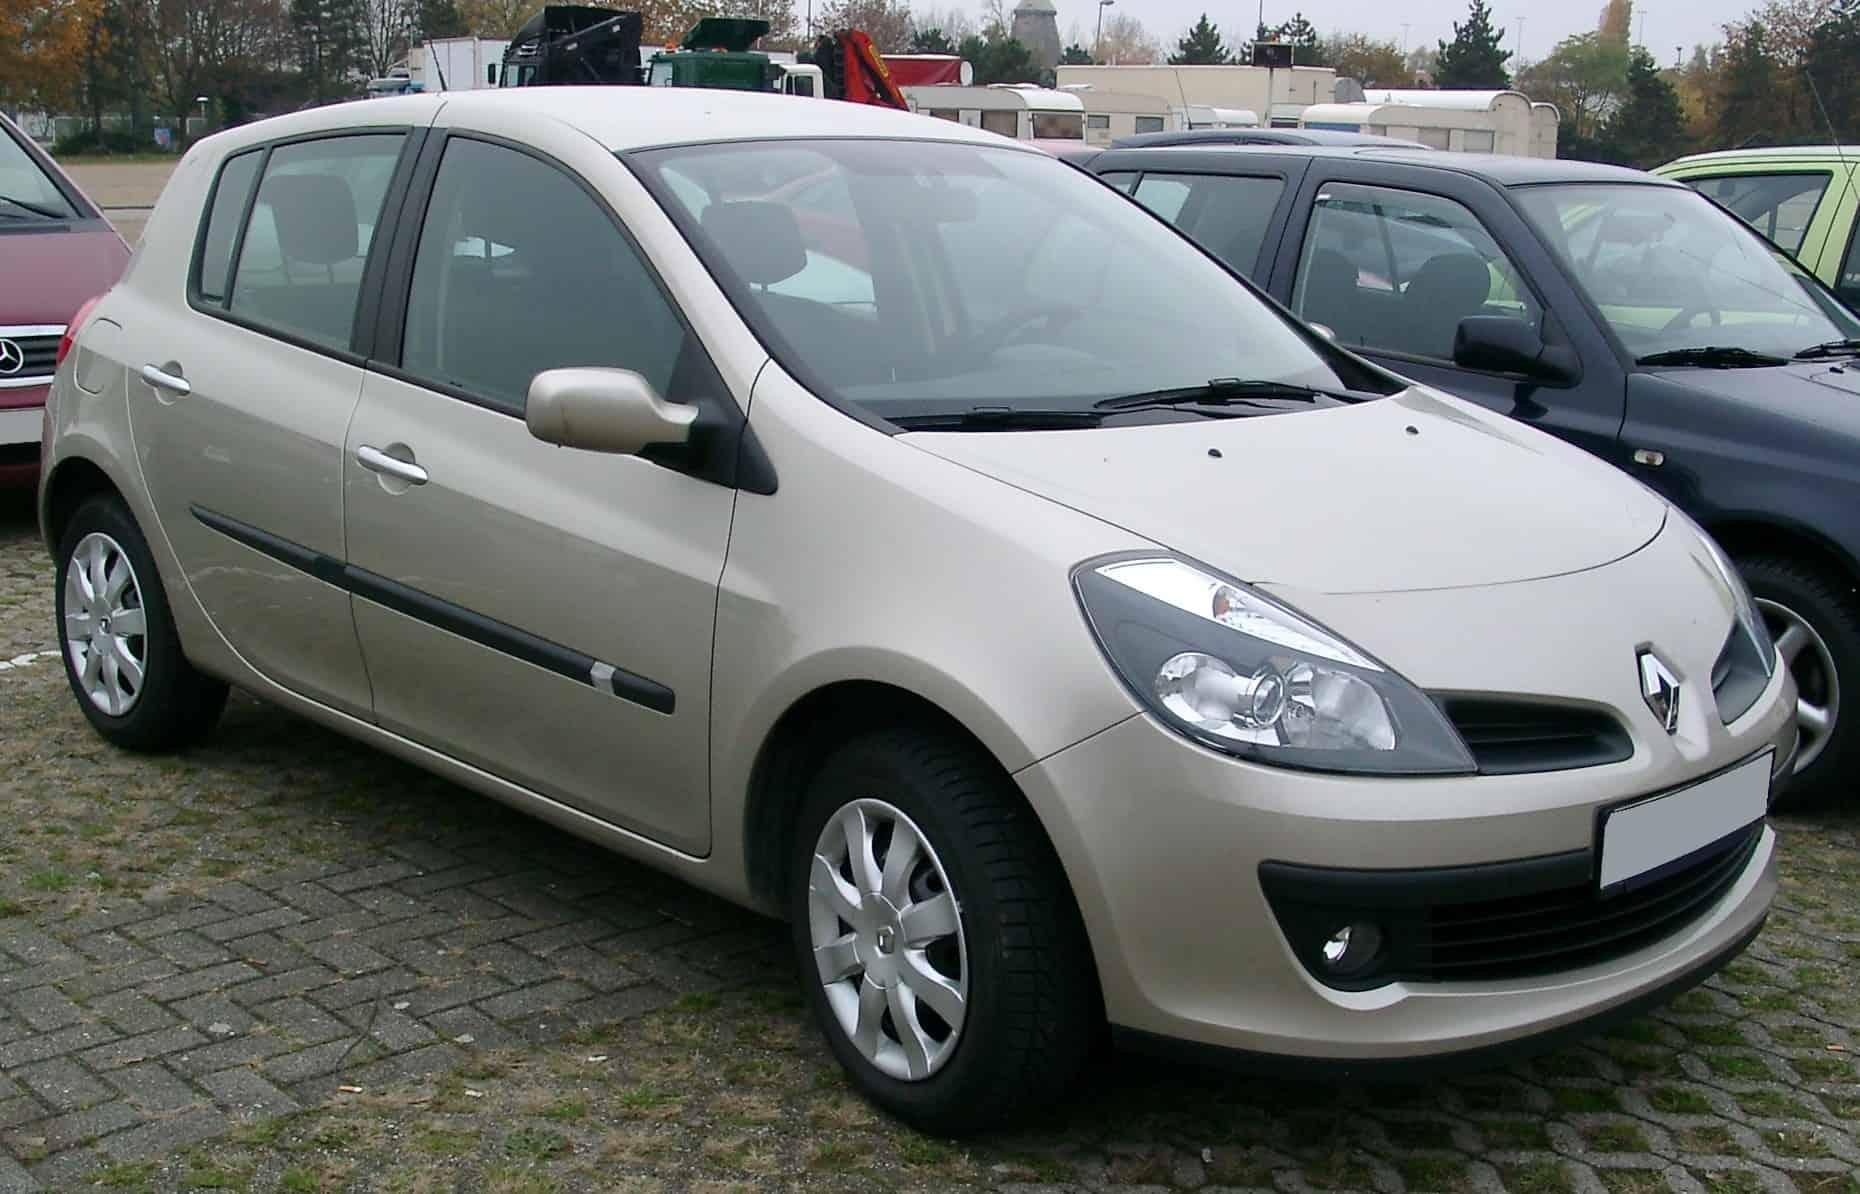 Renault clio 3 de 2006 - L'un des véhicules le plus souvent en révision - Actuauto.fr